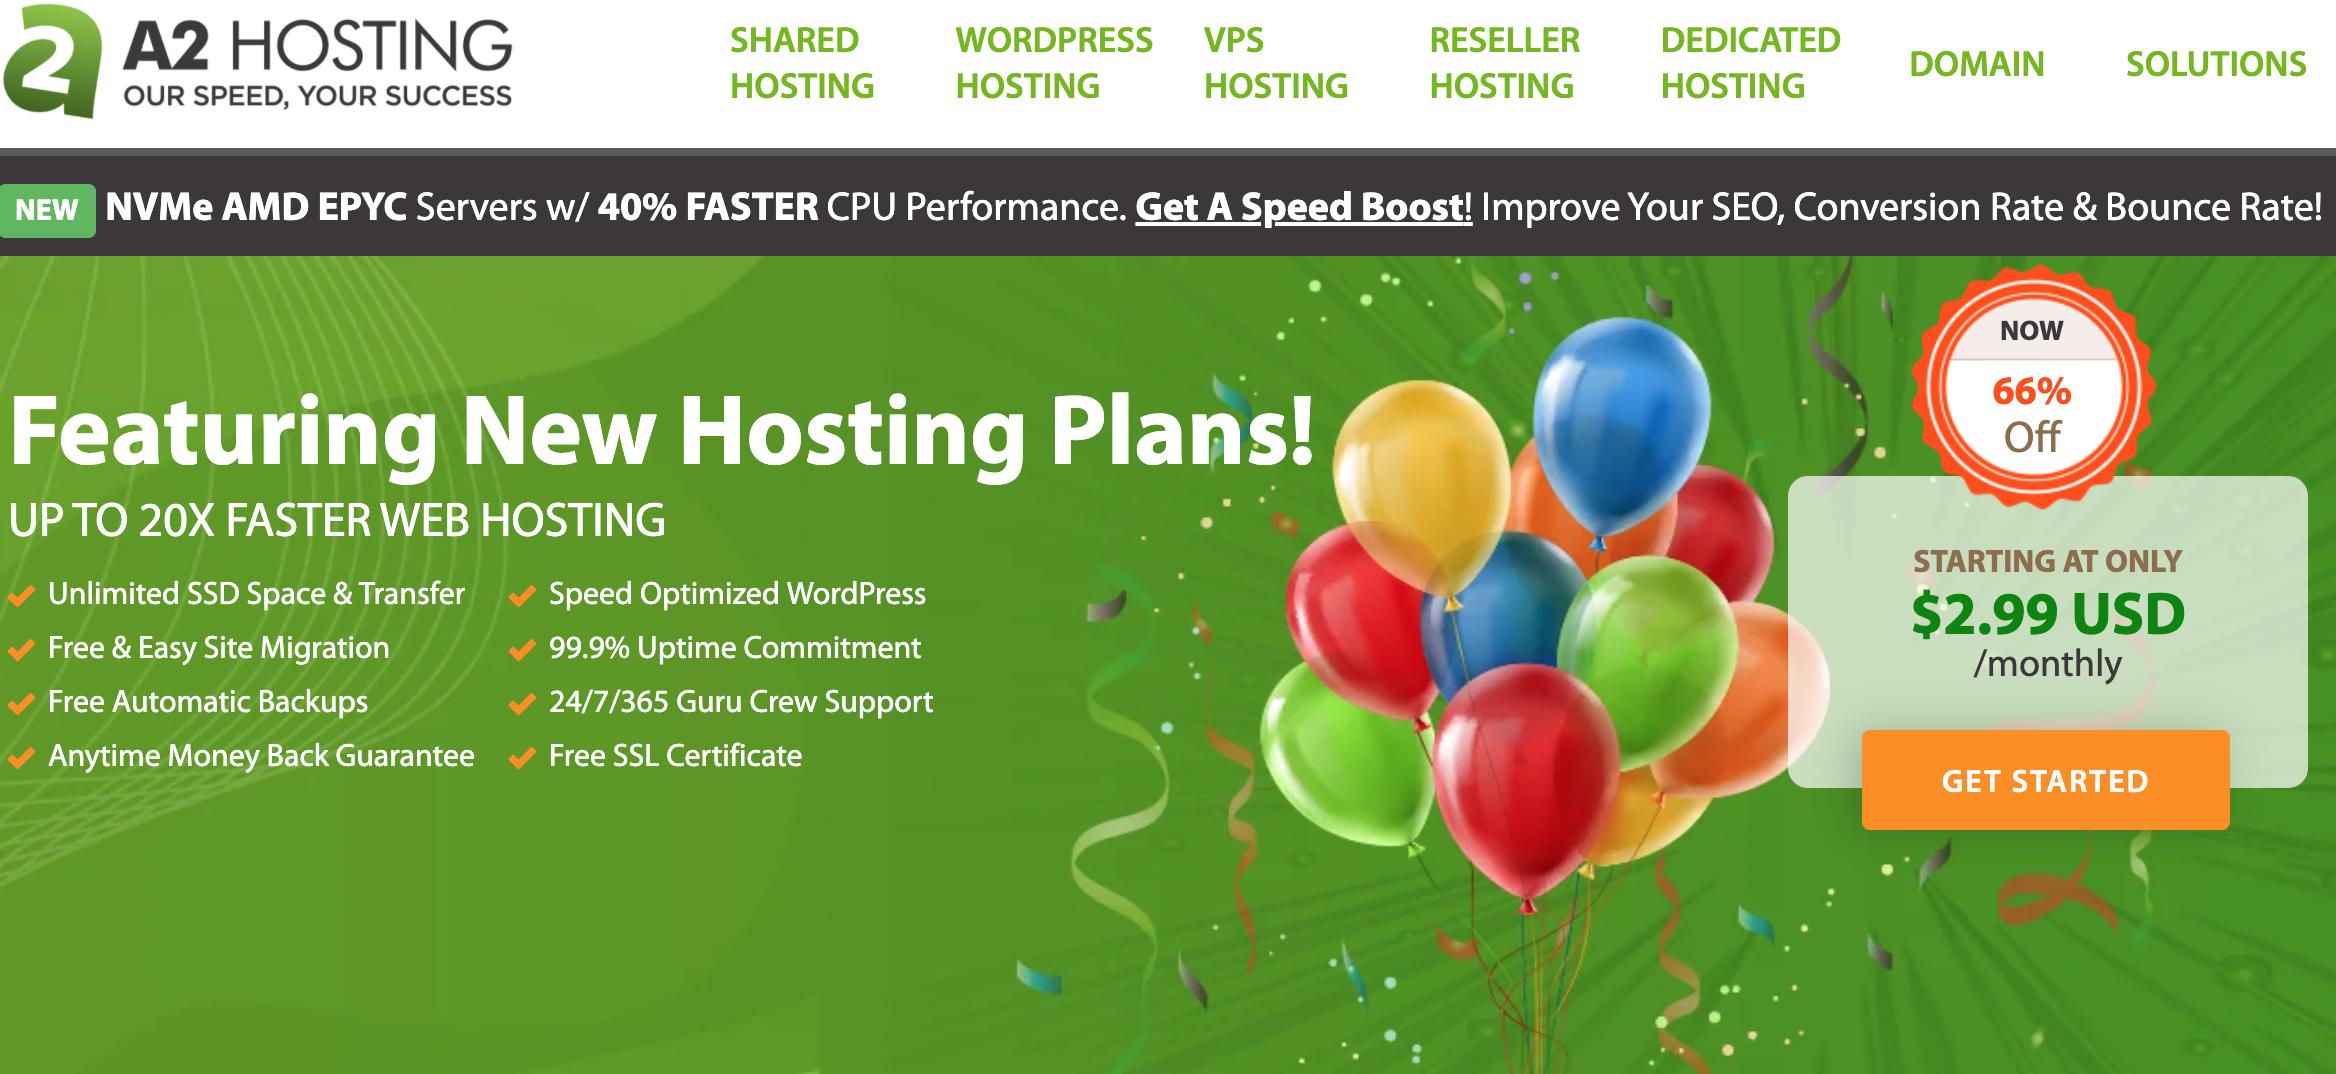 شركات استضافة a2hosting إيه تو هوستينج